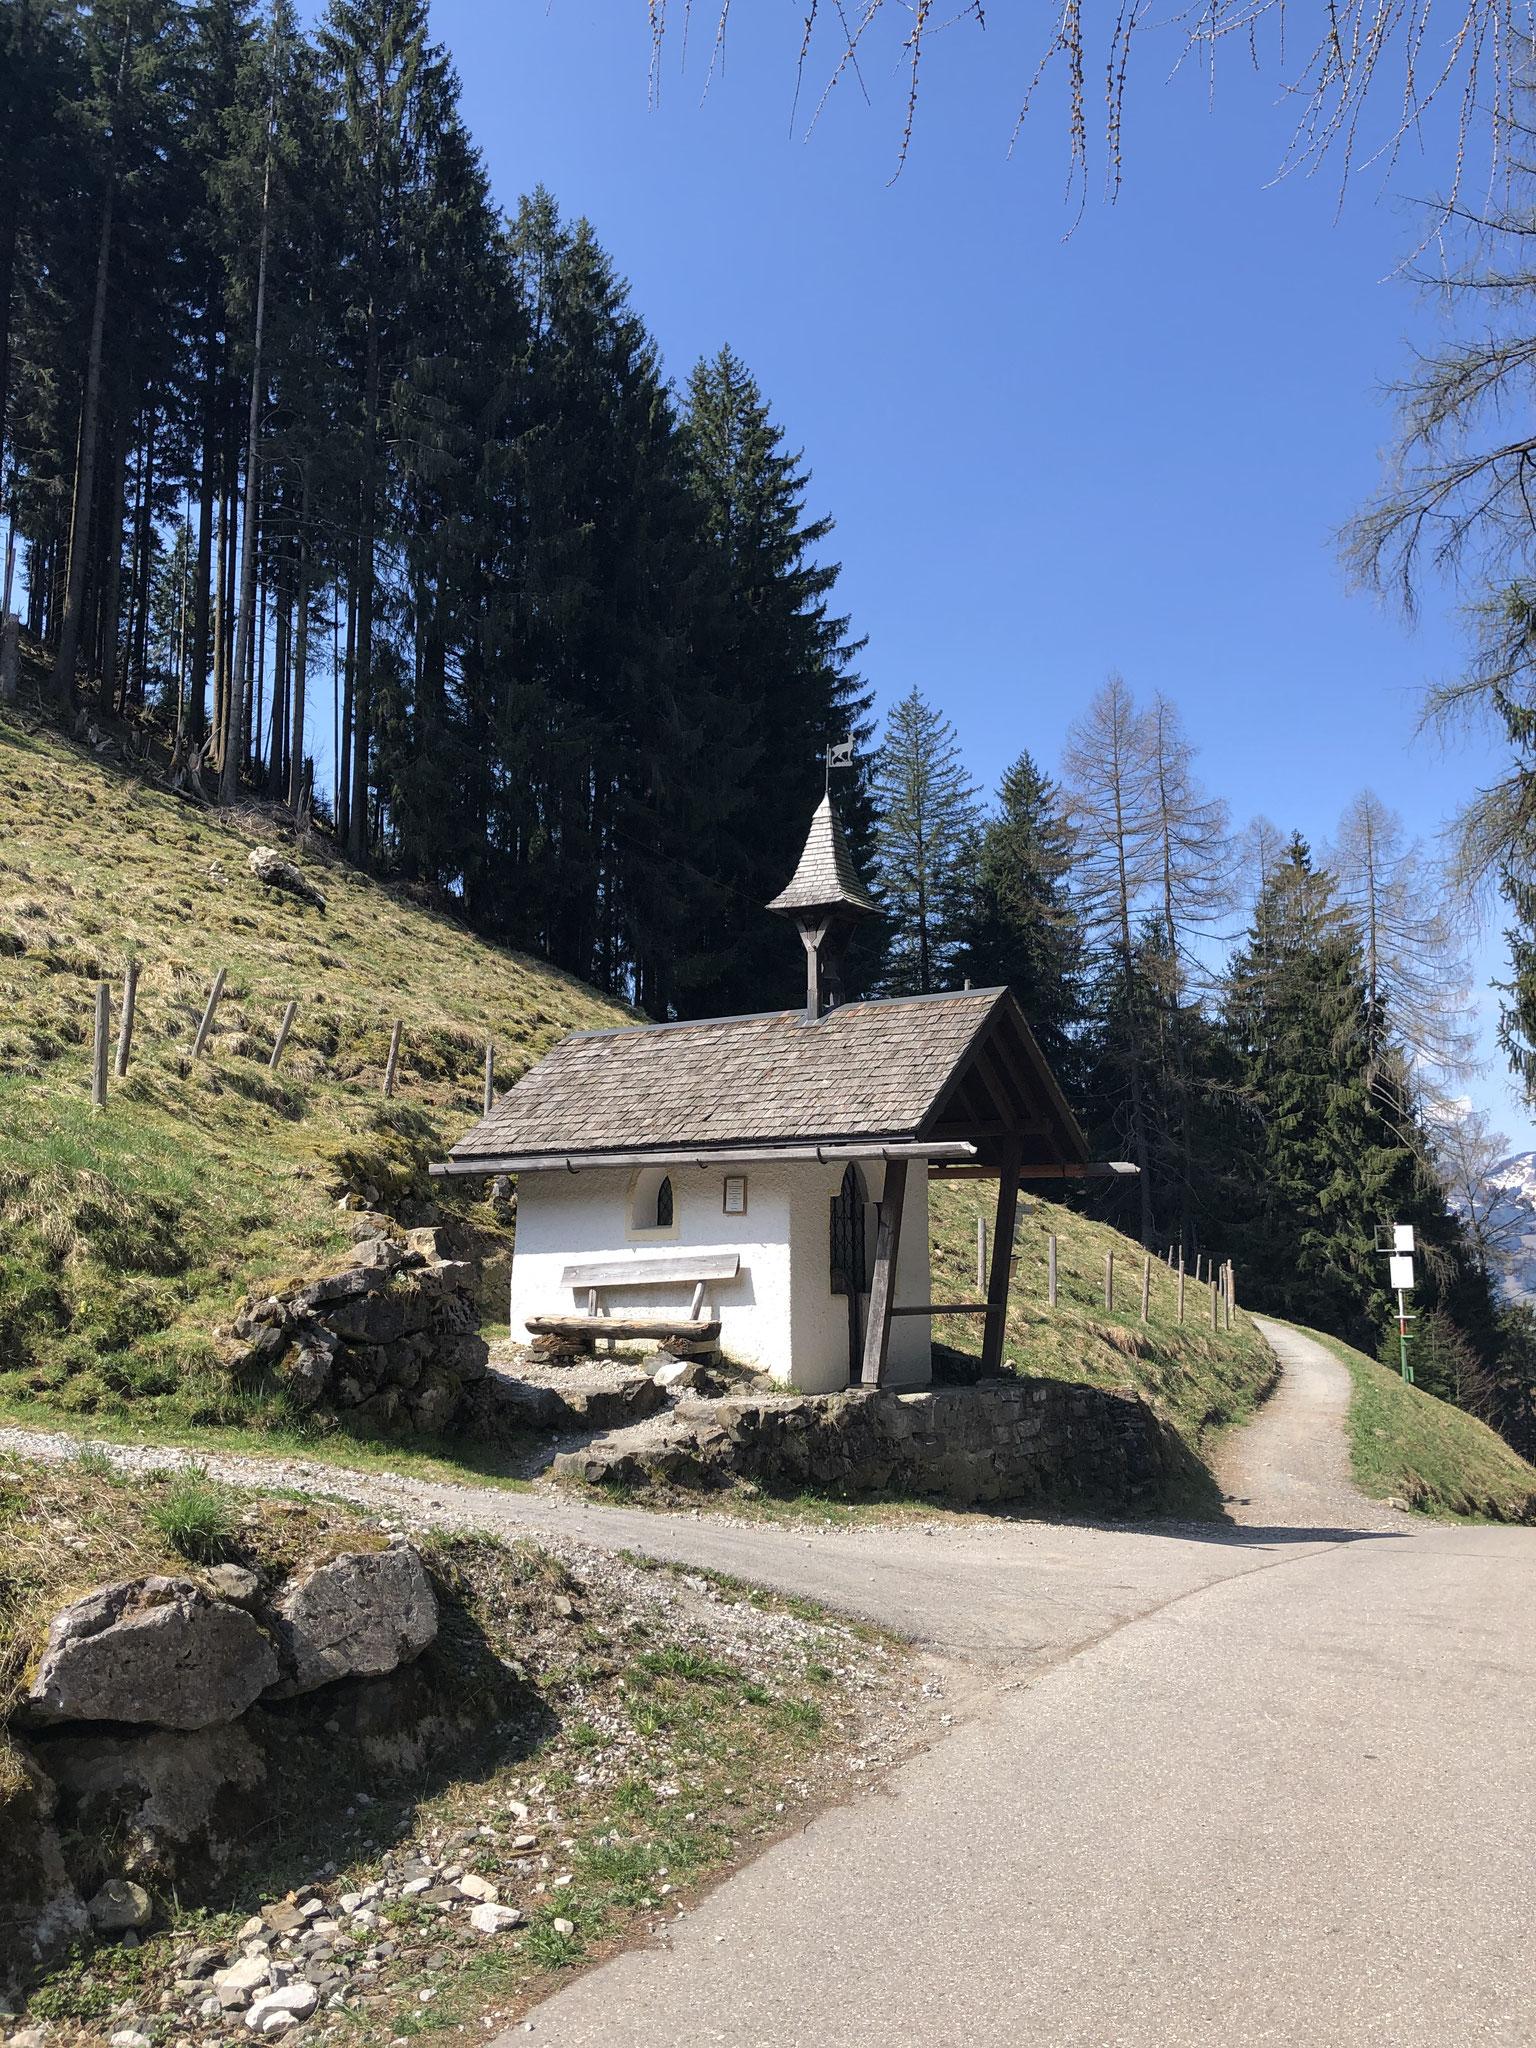 Kl. Kapelle am Wallraffweg